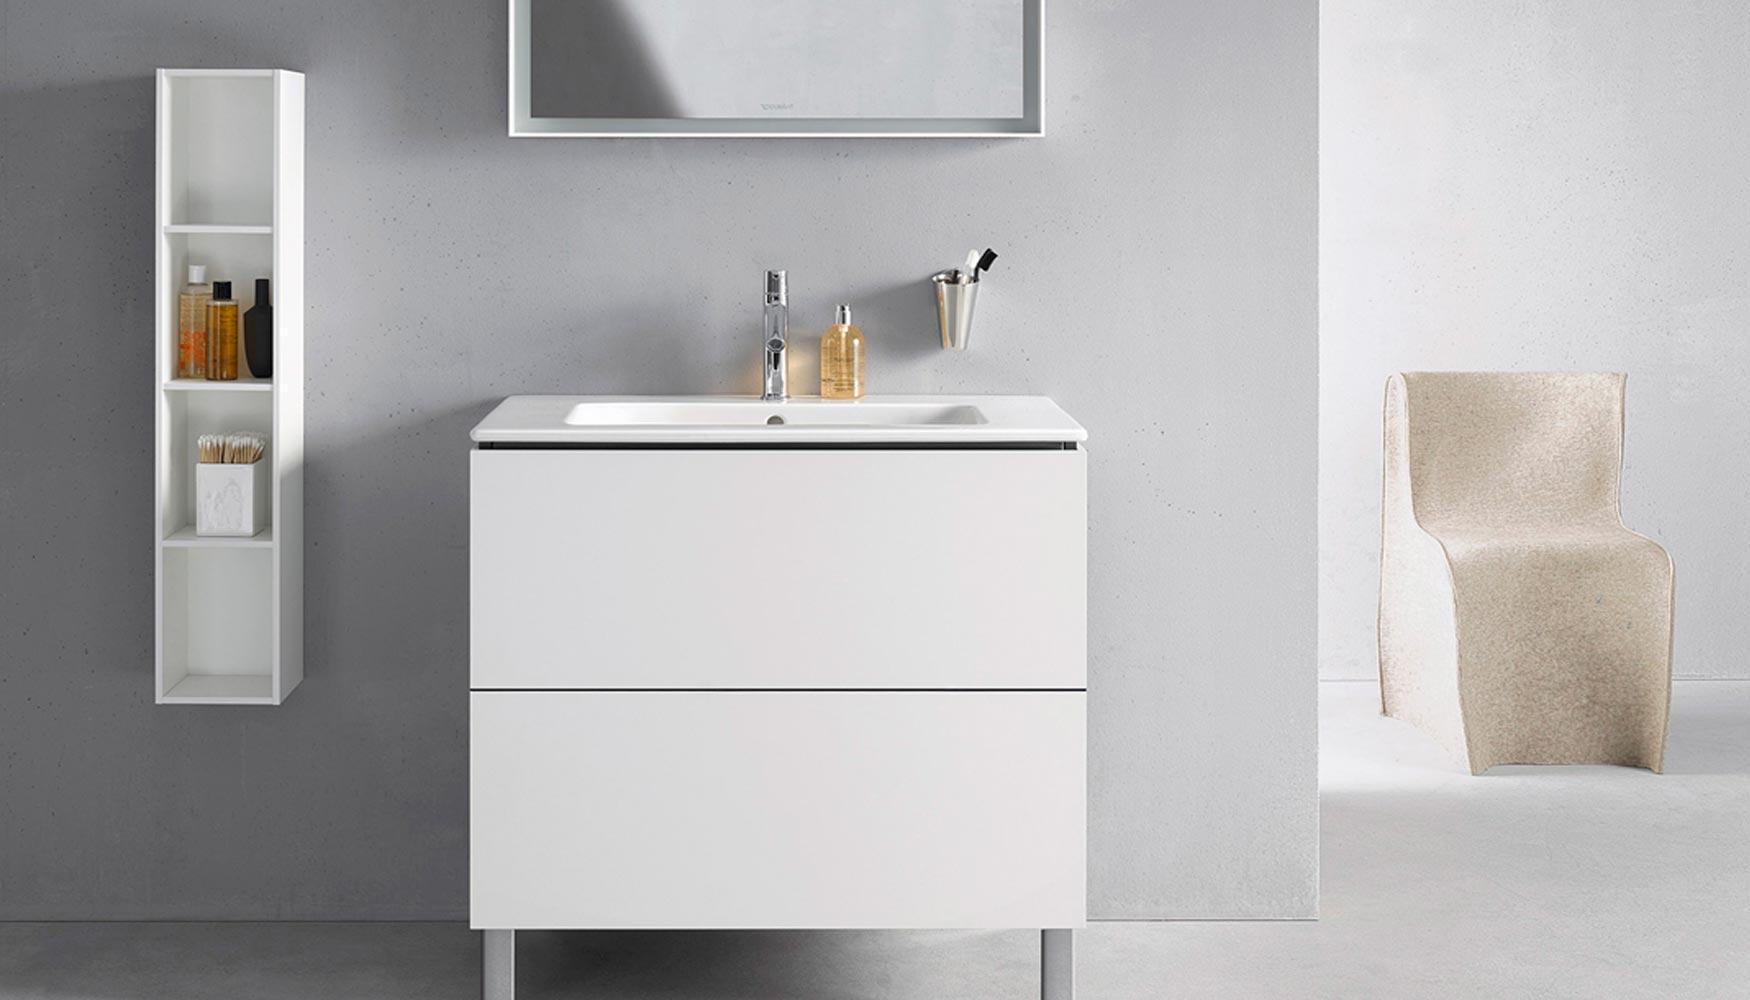 El diseño del mueble influye de forma decisiva en la concepción del